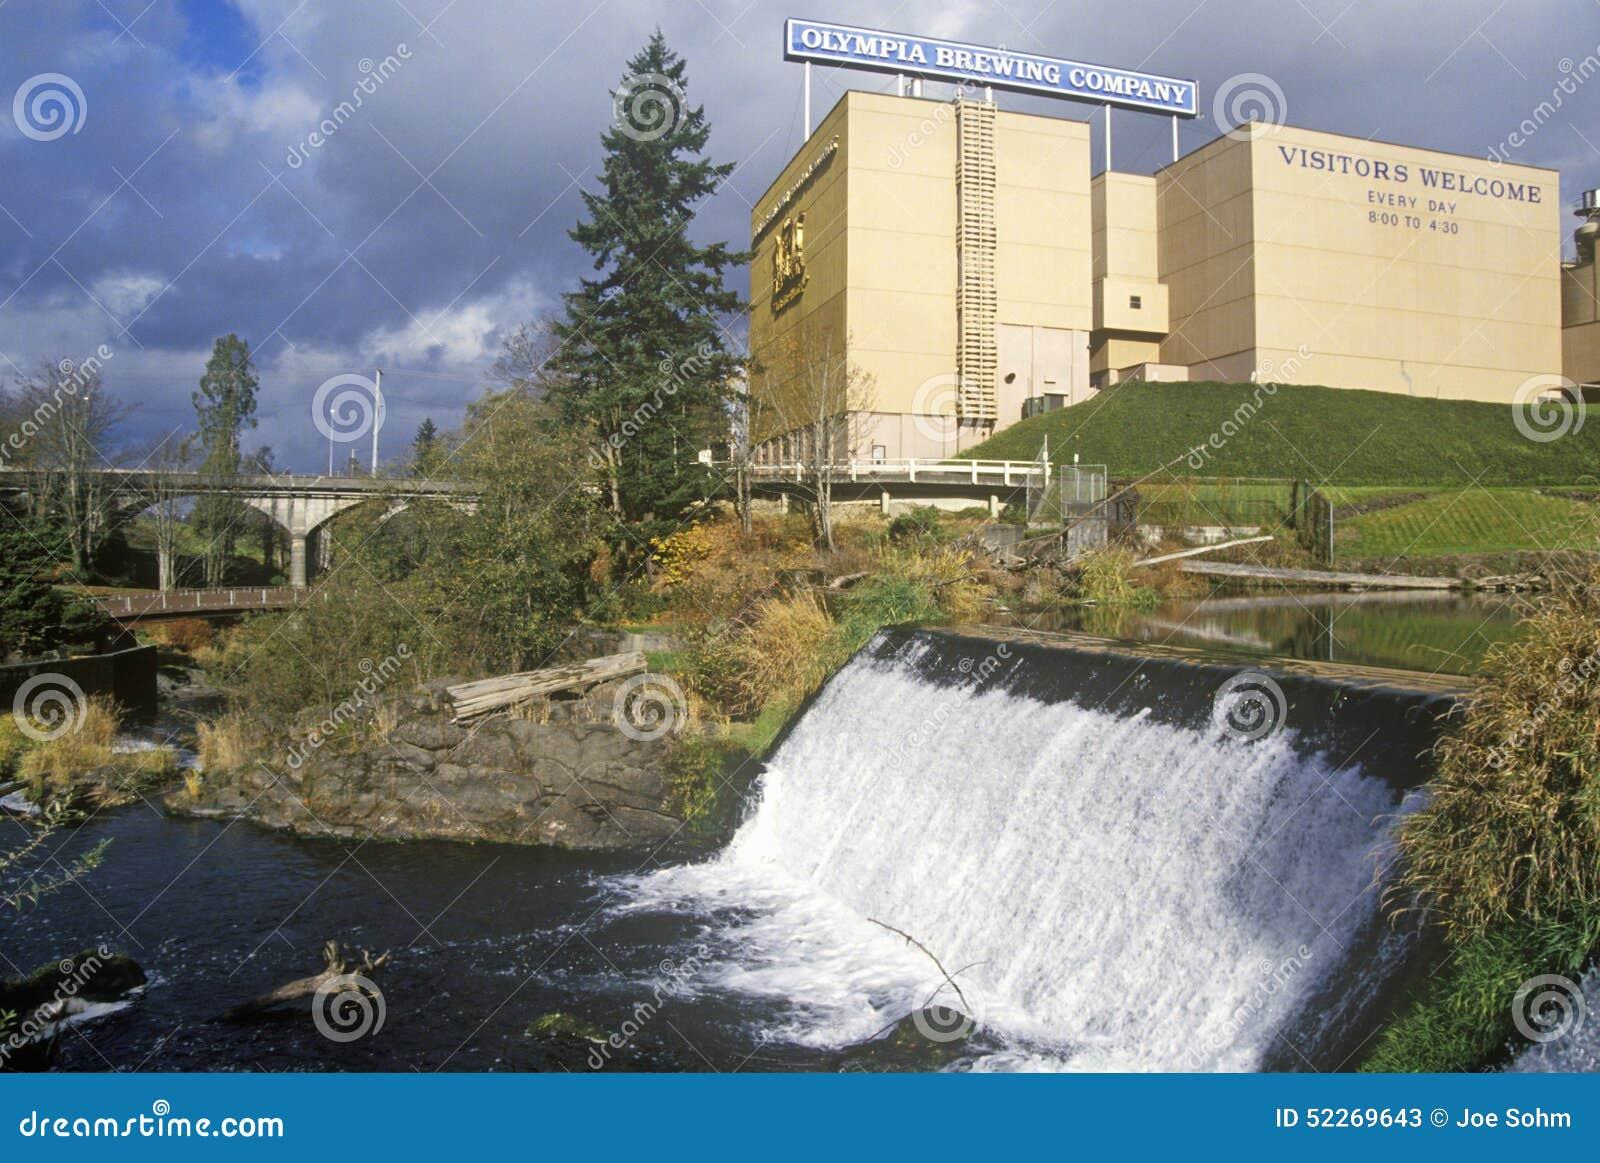 Tumwater baja parque, O, casero de Olympia Beer Brewing Company